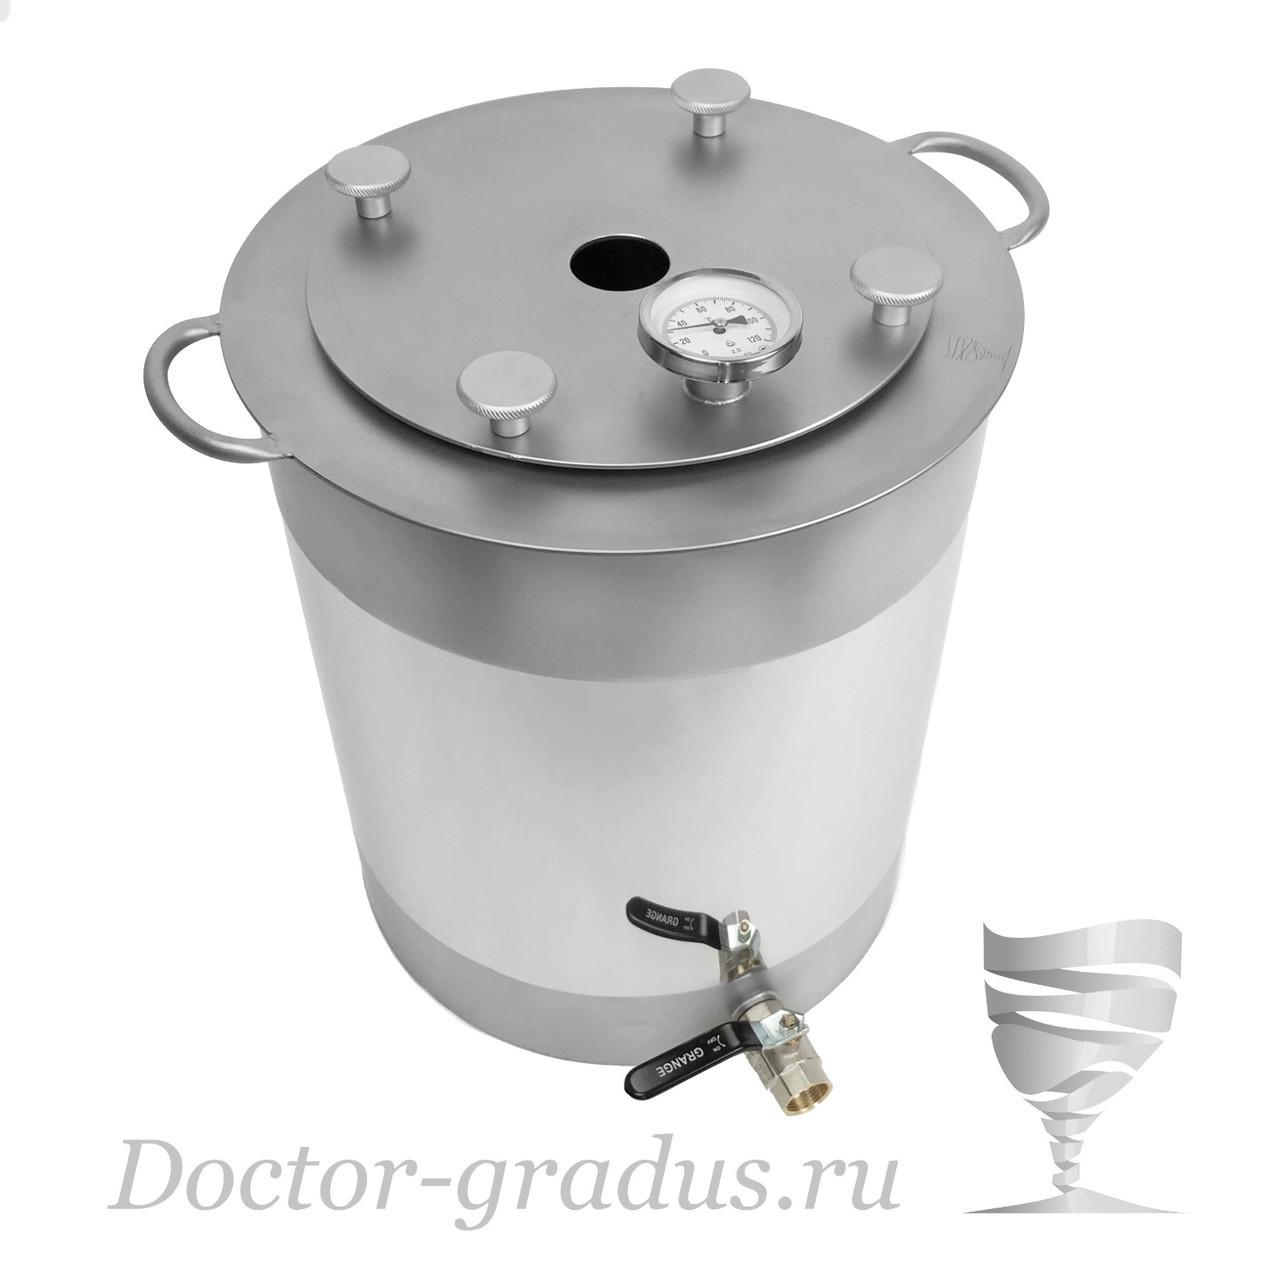 Куб ДГ на 36 литров